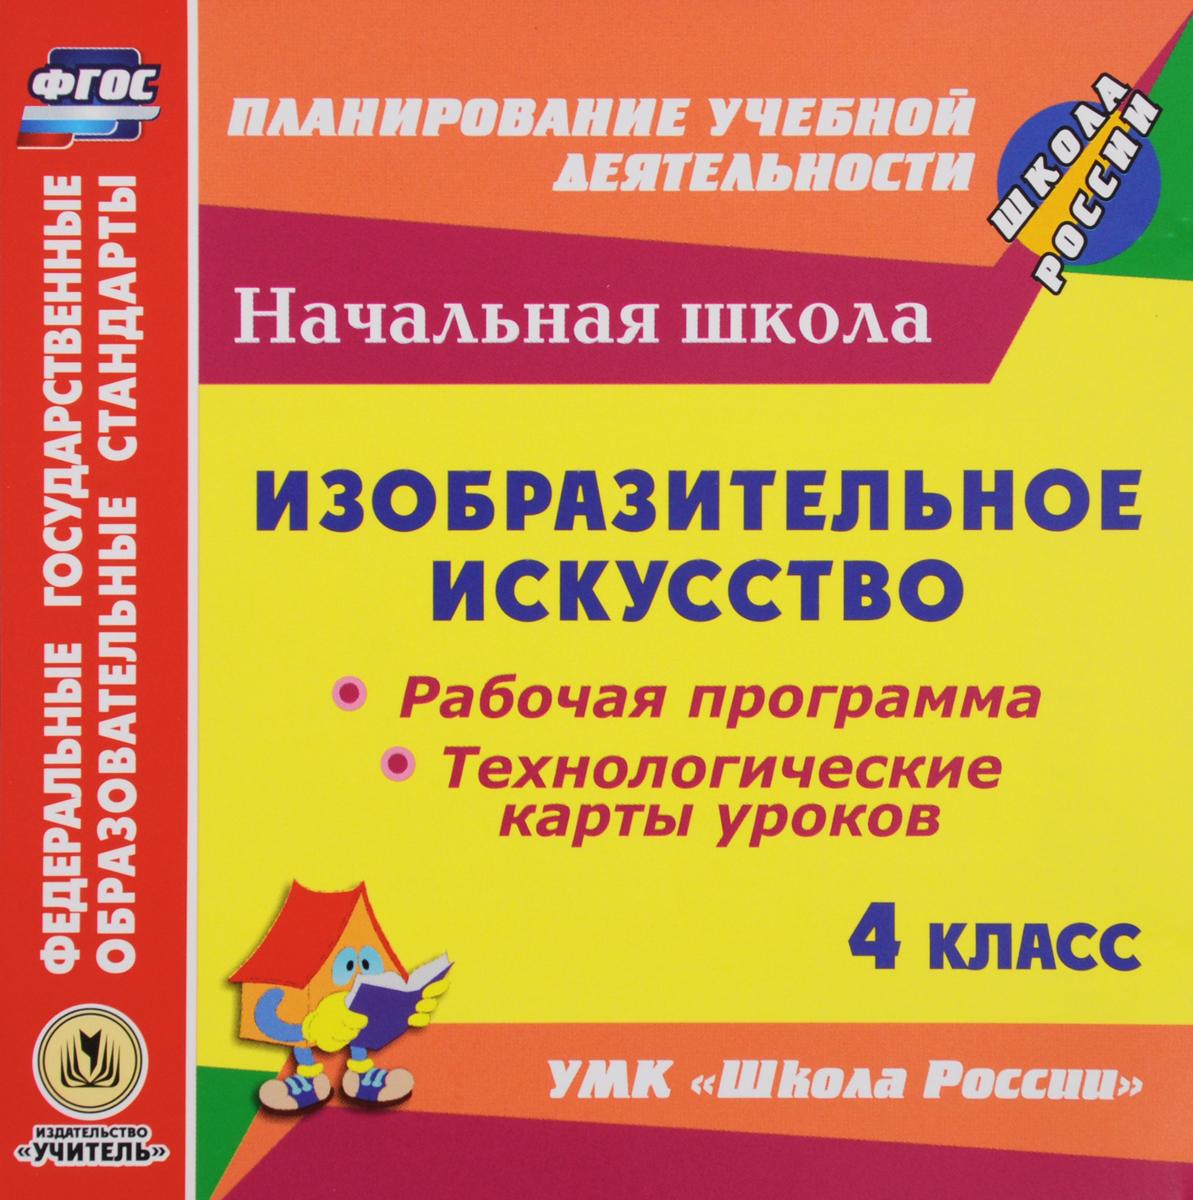 Рабочая программа и технологические карты уроков по УМК Школа России. Изобразительное искусство. 4 класс цена